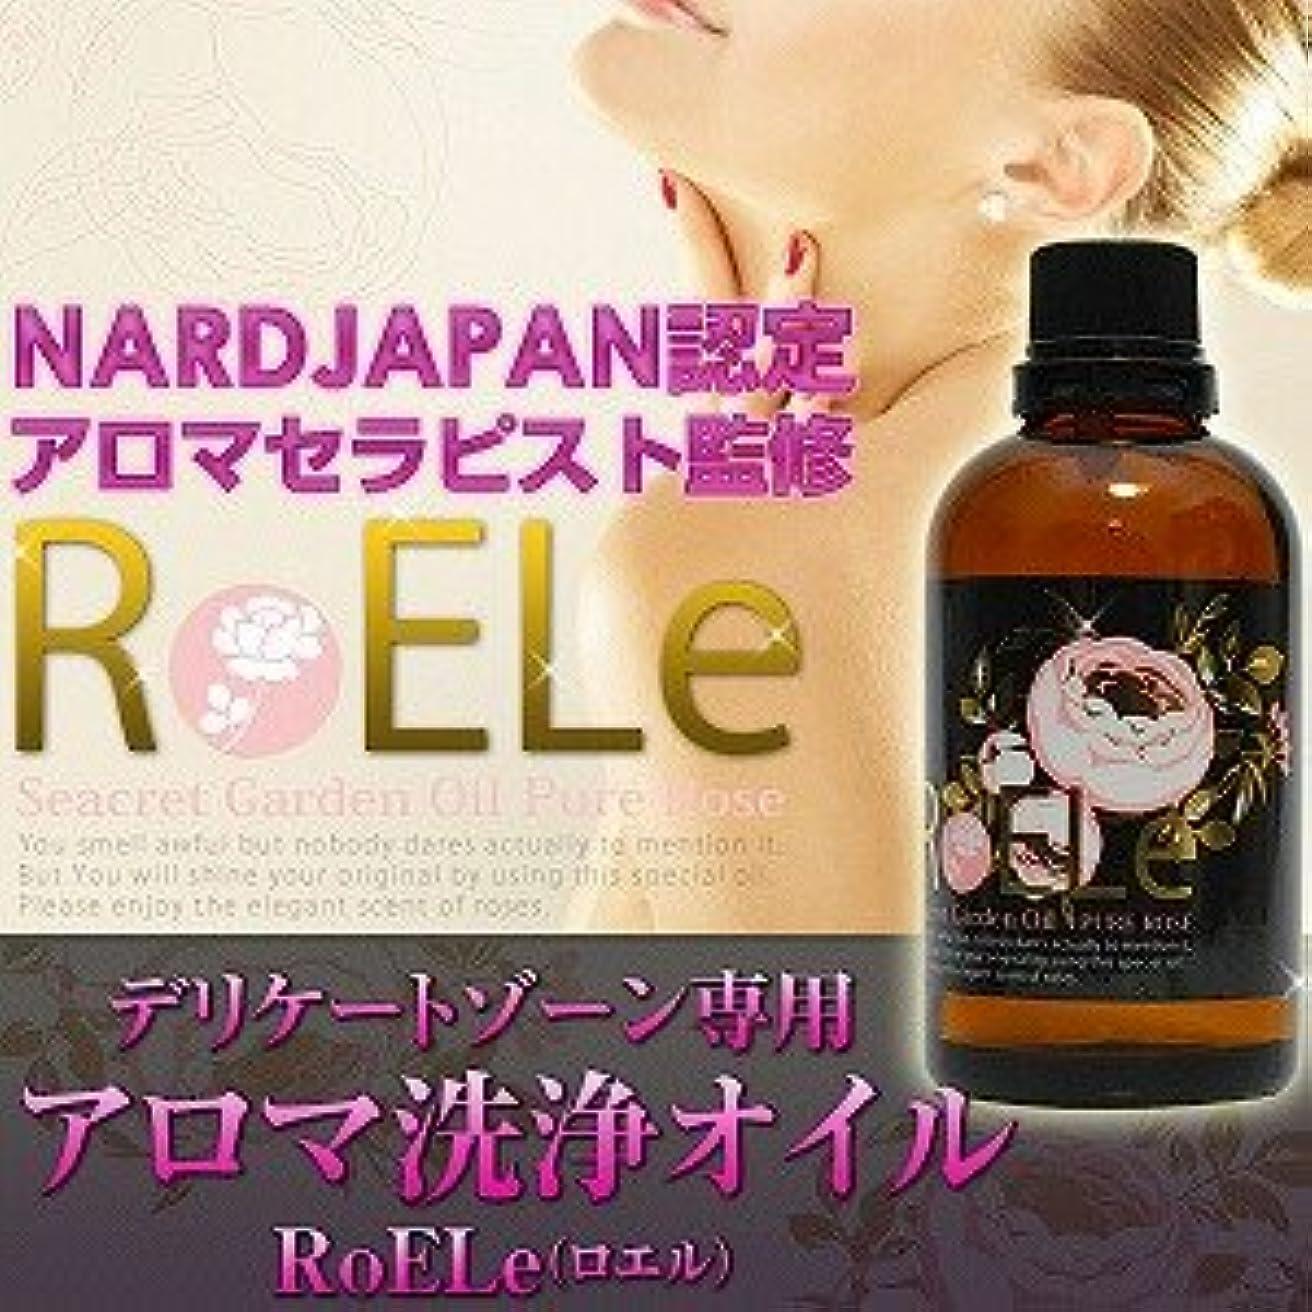 輸送枝核デリケートゾーン専用、アロマ洗浄オイル『RoELe(ロエル)』